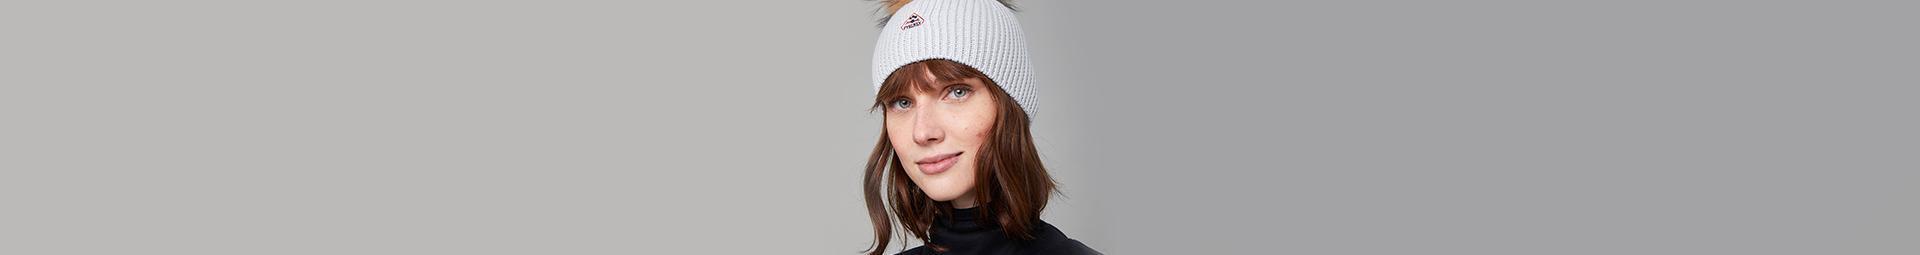 Bonnet femme en laine, qualité française - Pyrenex